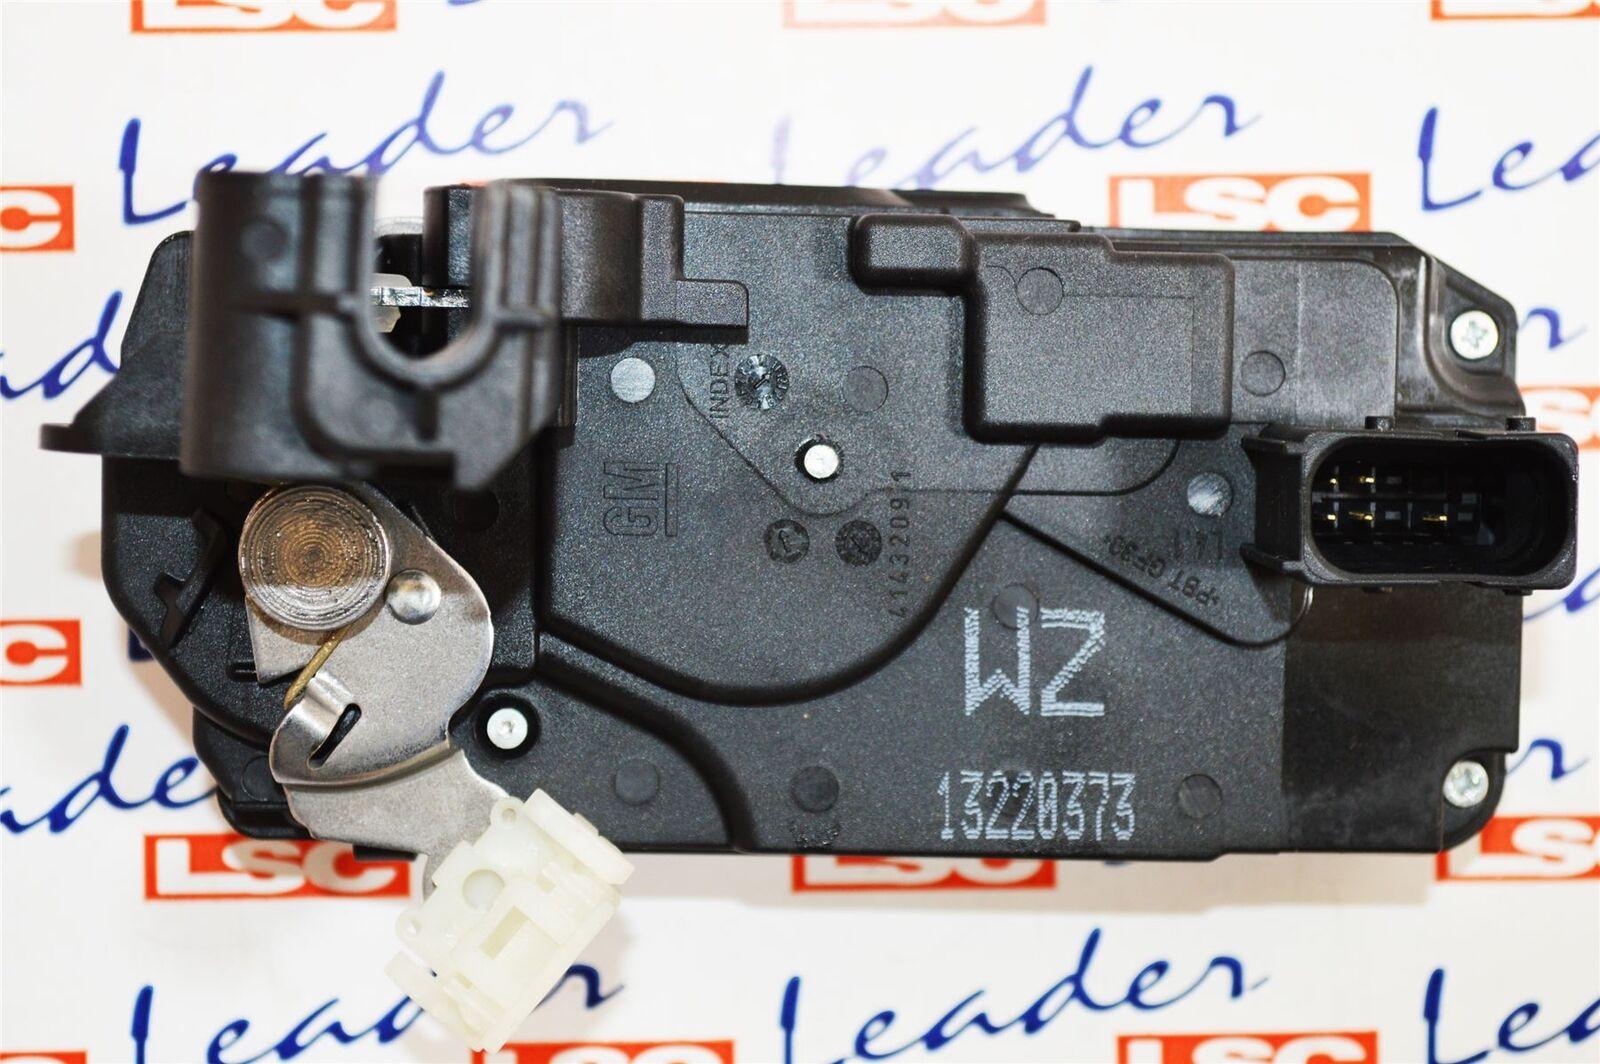 13220373  Authentisch Vauxhall Hinten Links  Beifahrerseite Türschloss